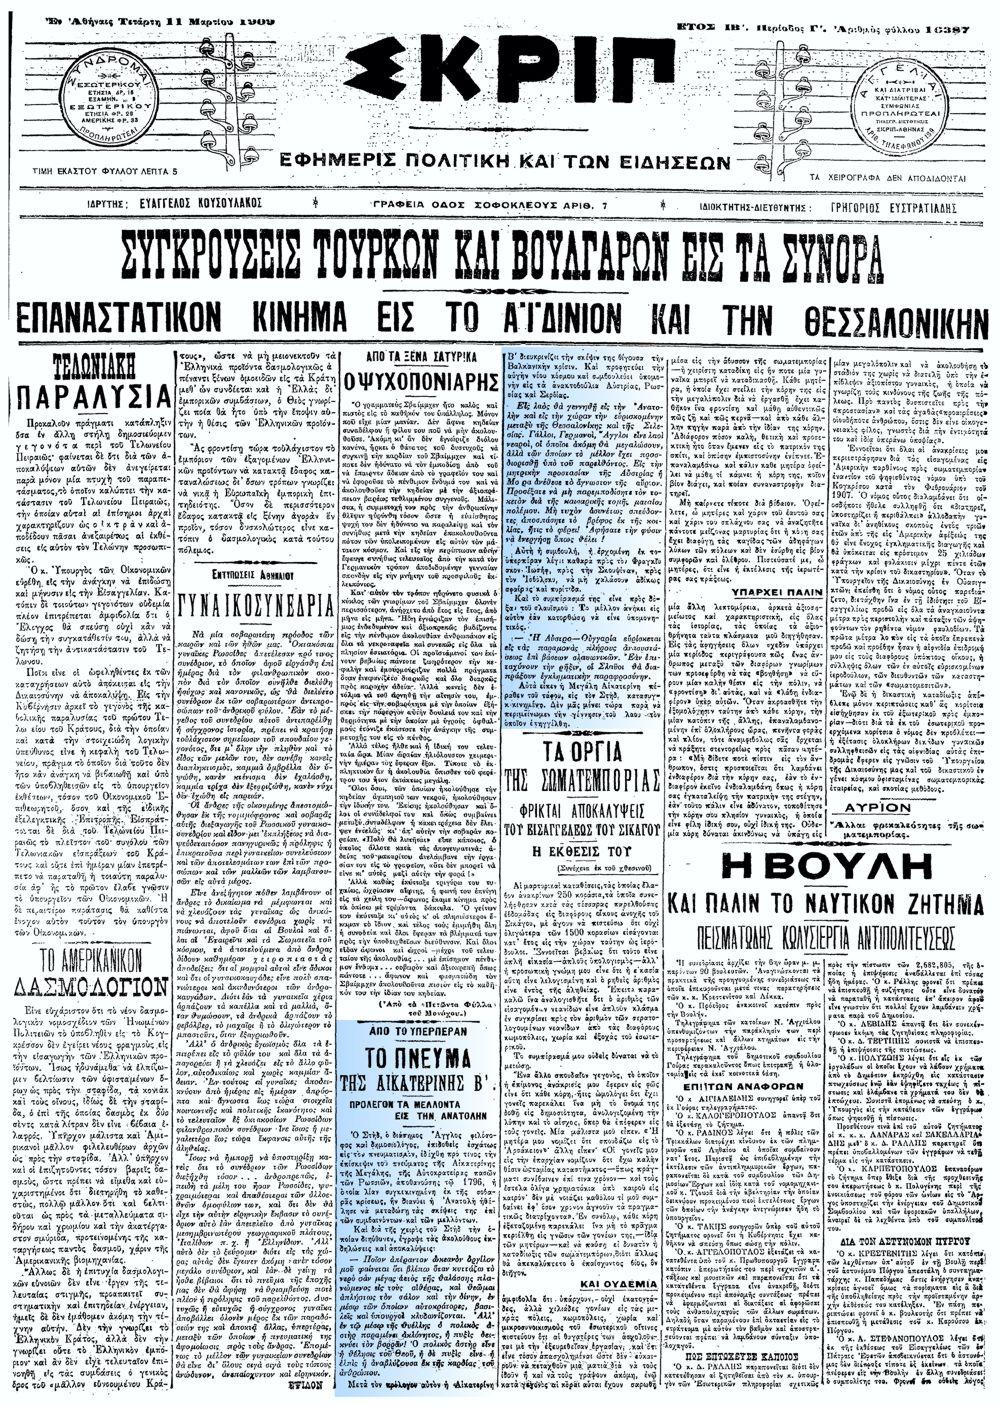 """Το άρθρο, όπως δημοσιεύθηκε στην εφημερίδα """"ΣΚΡΙΠ"""", στις 11/03/1909"""